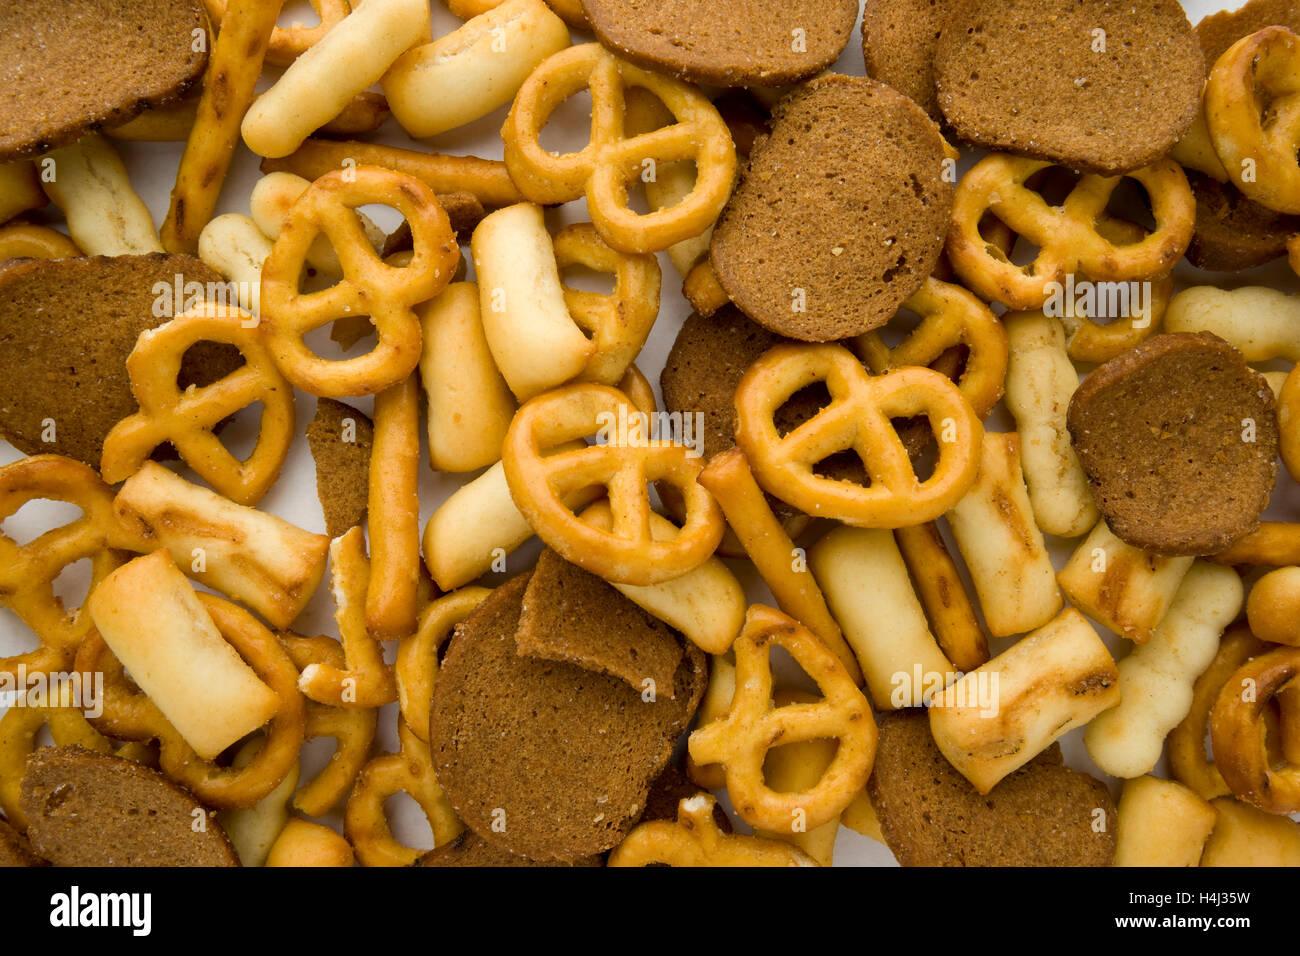 Mixed Snack Mix Pretzel Bread Sticks